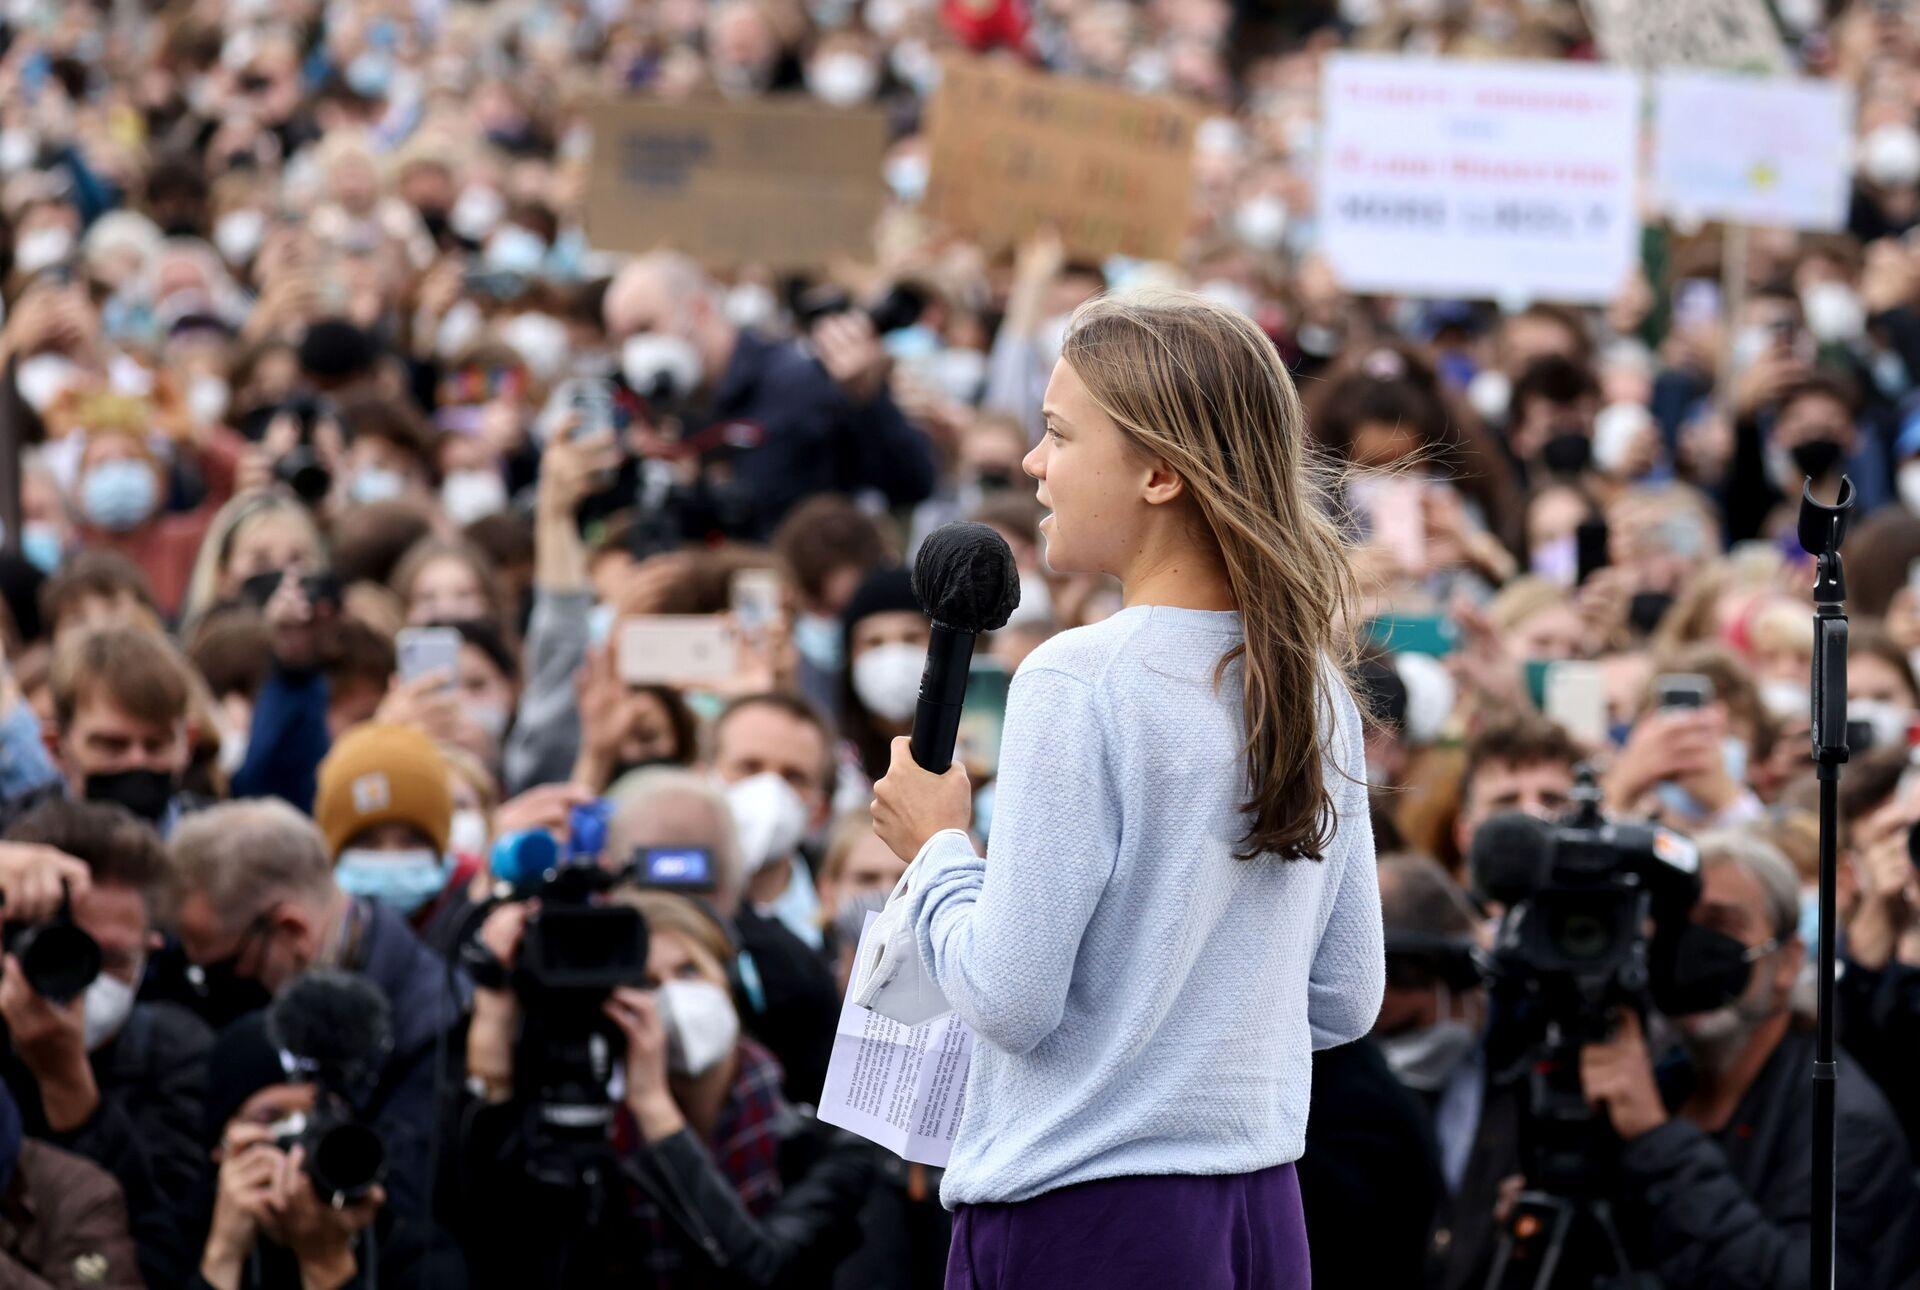 Nhà hoạt động môi trường Greta Thunberg phát biểu trong cuộc mit tinh bảo vệ khí hậu toàn cầu ở Berlin, Đức - Sputnik Việt Nam, 1920, 05.10.2021